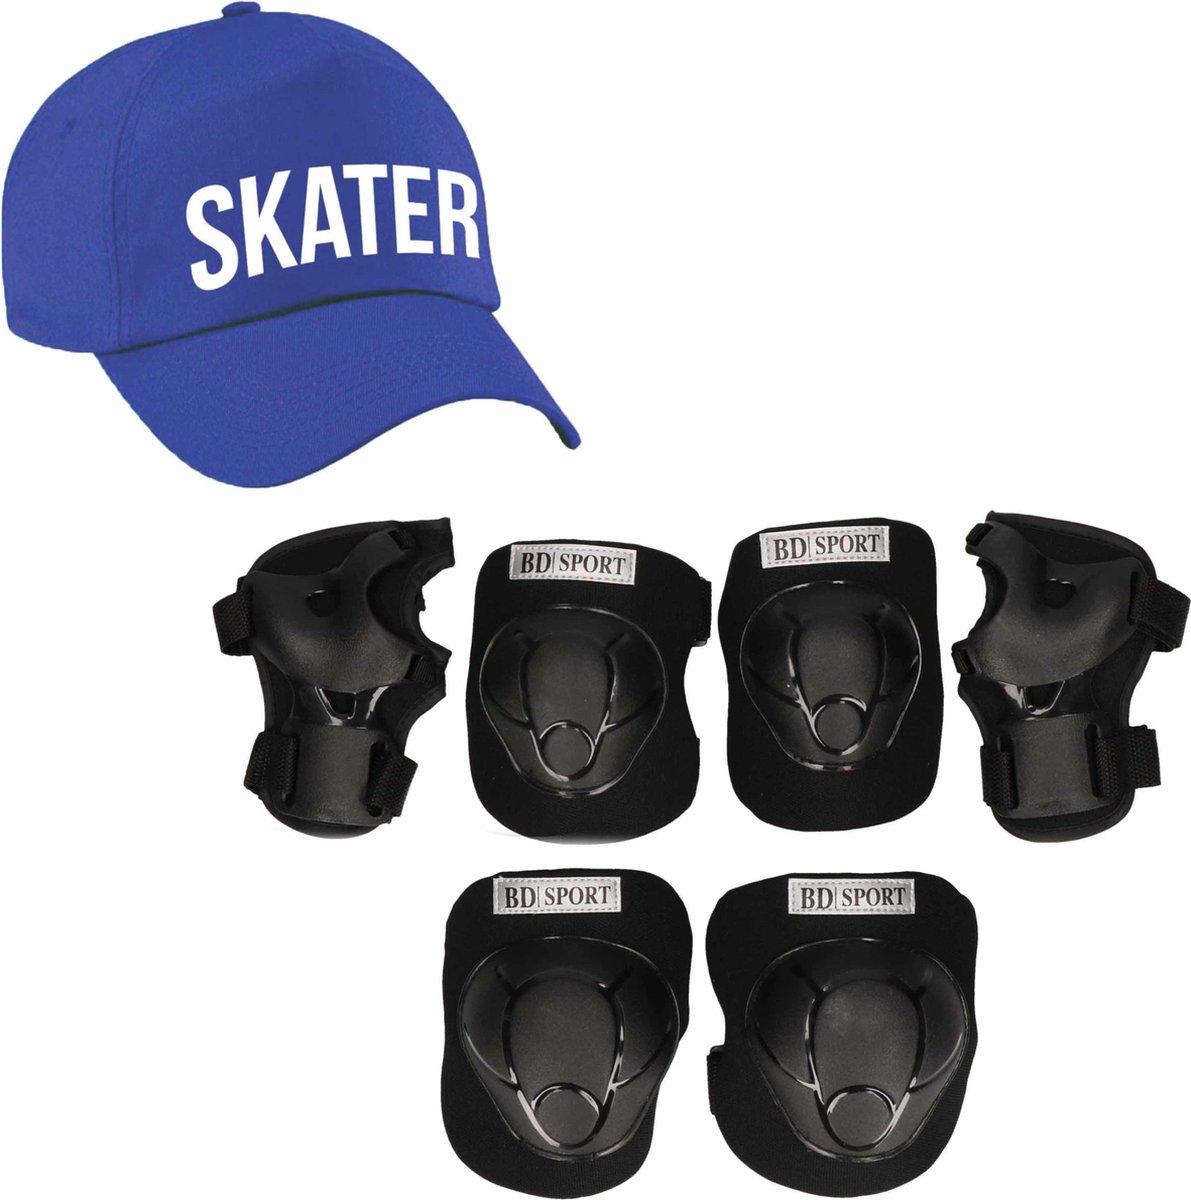 Set van valbescherming voor kinderen maat S / 4 tot 5 jaar met een stoere SKATER pet blauw